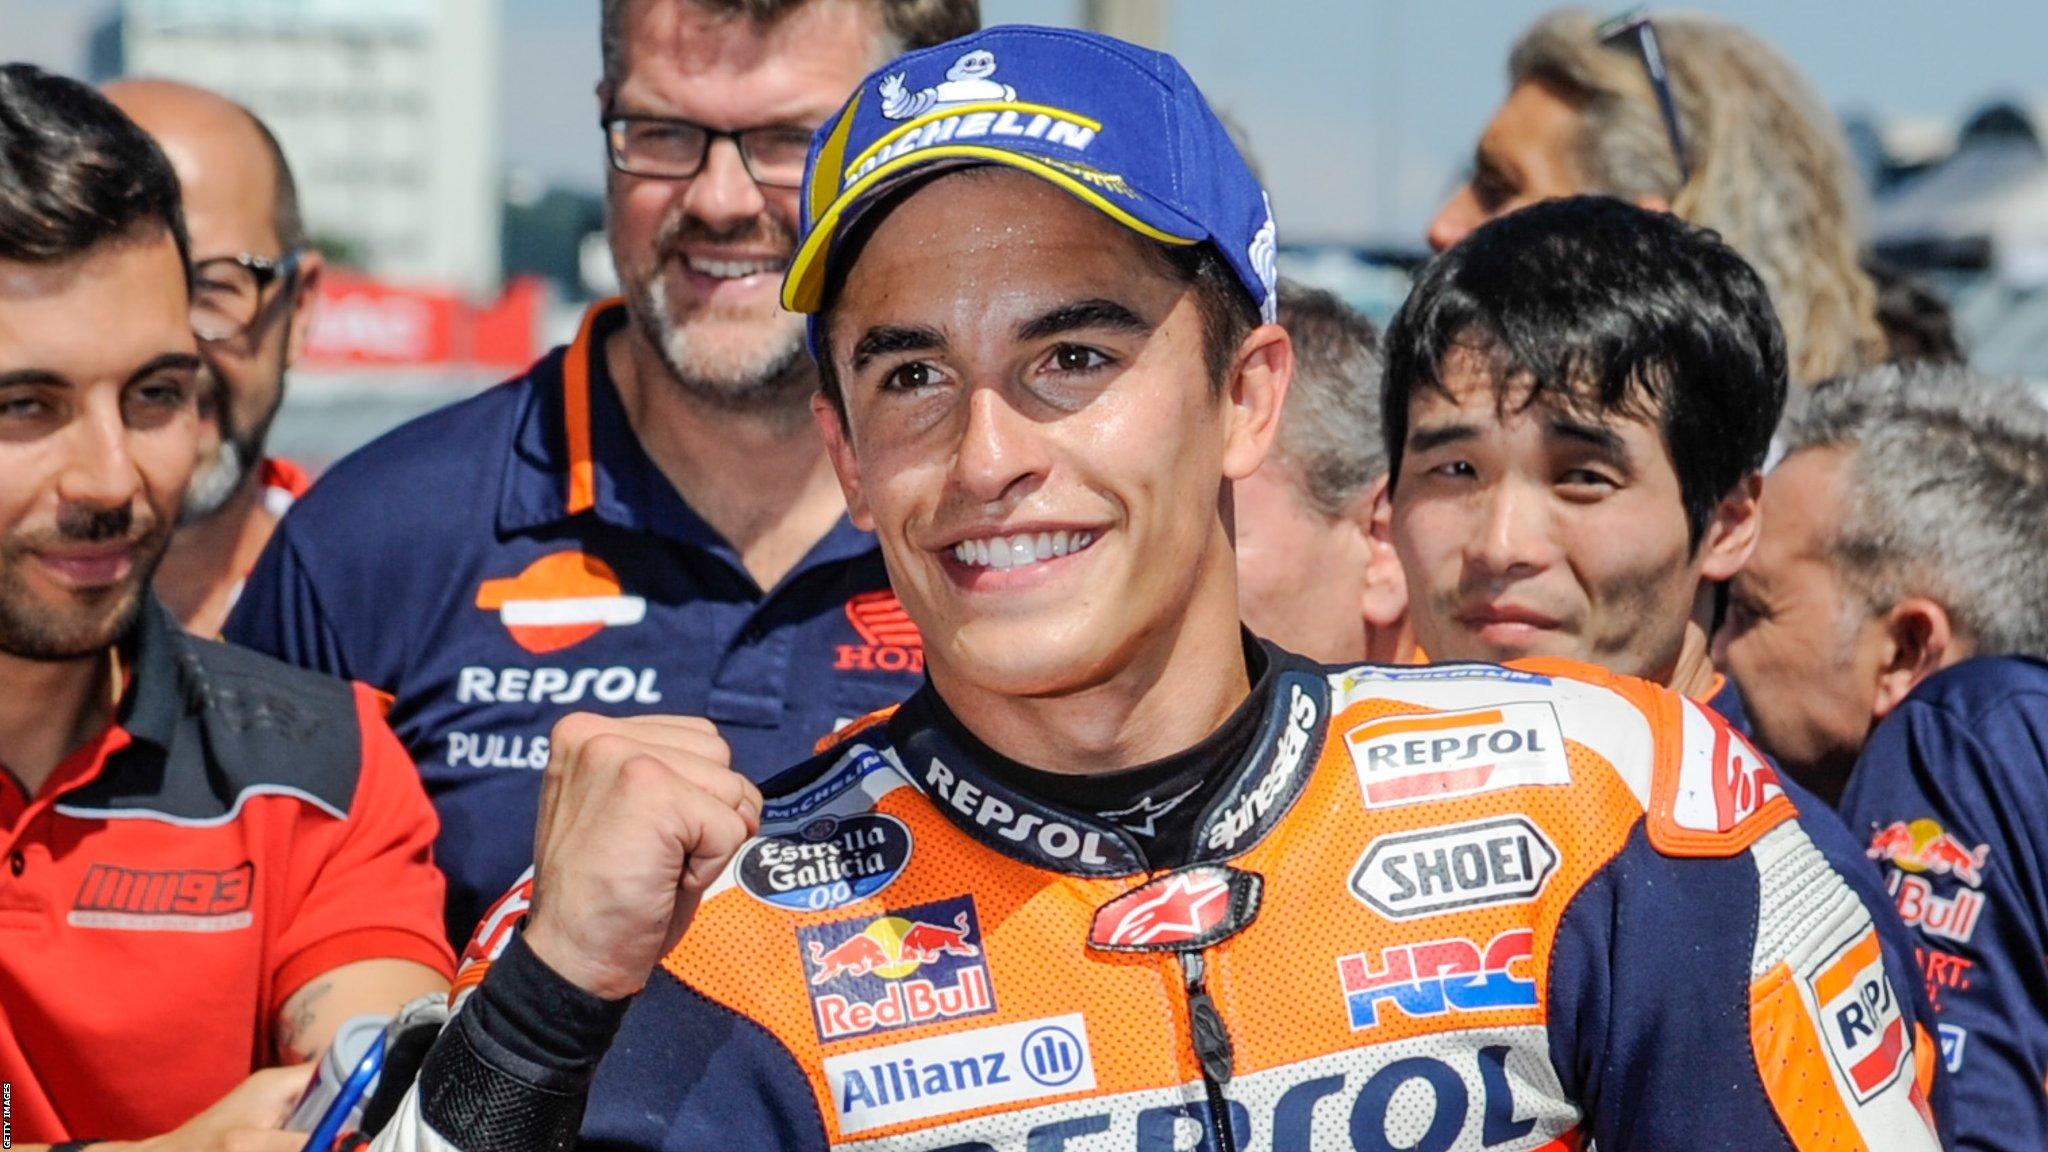 MotoGP: Marc Marquez wins German Grand Prix to extend championship lead